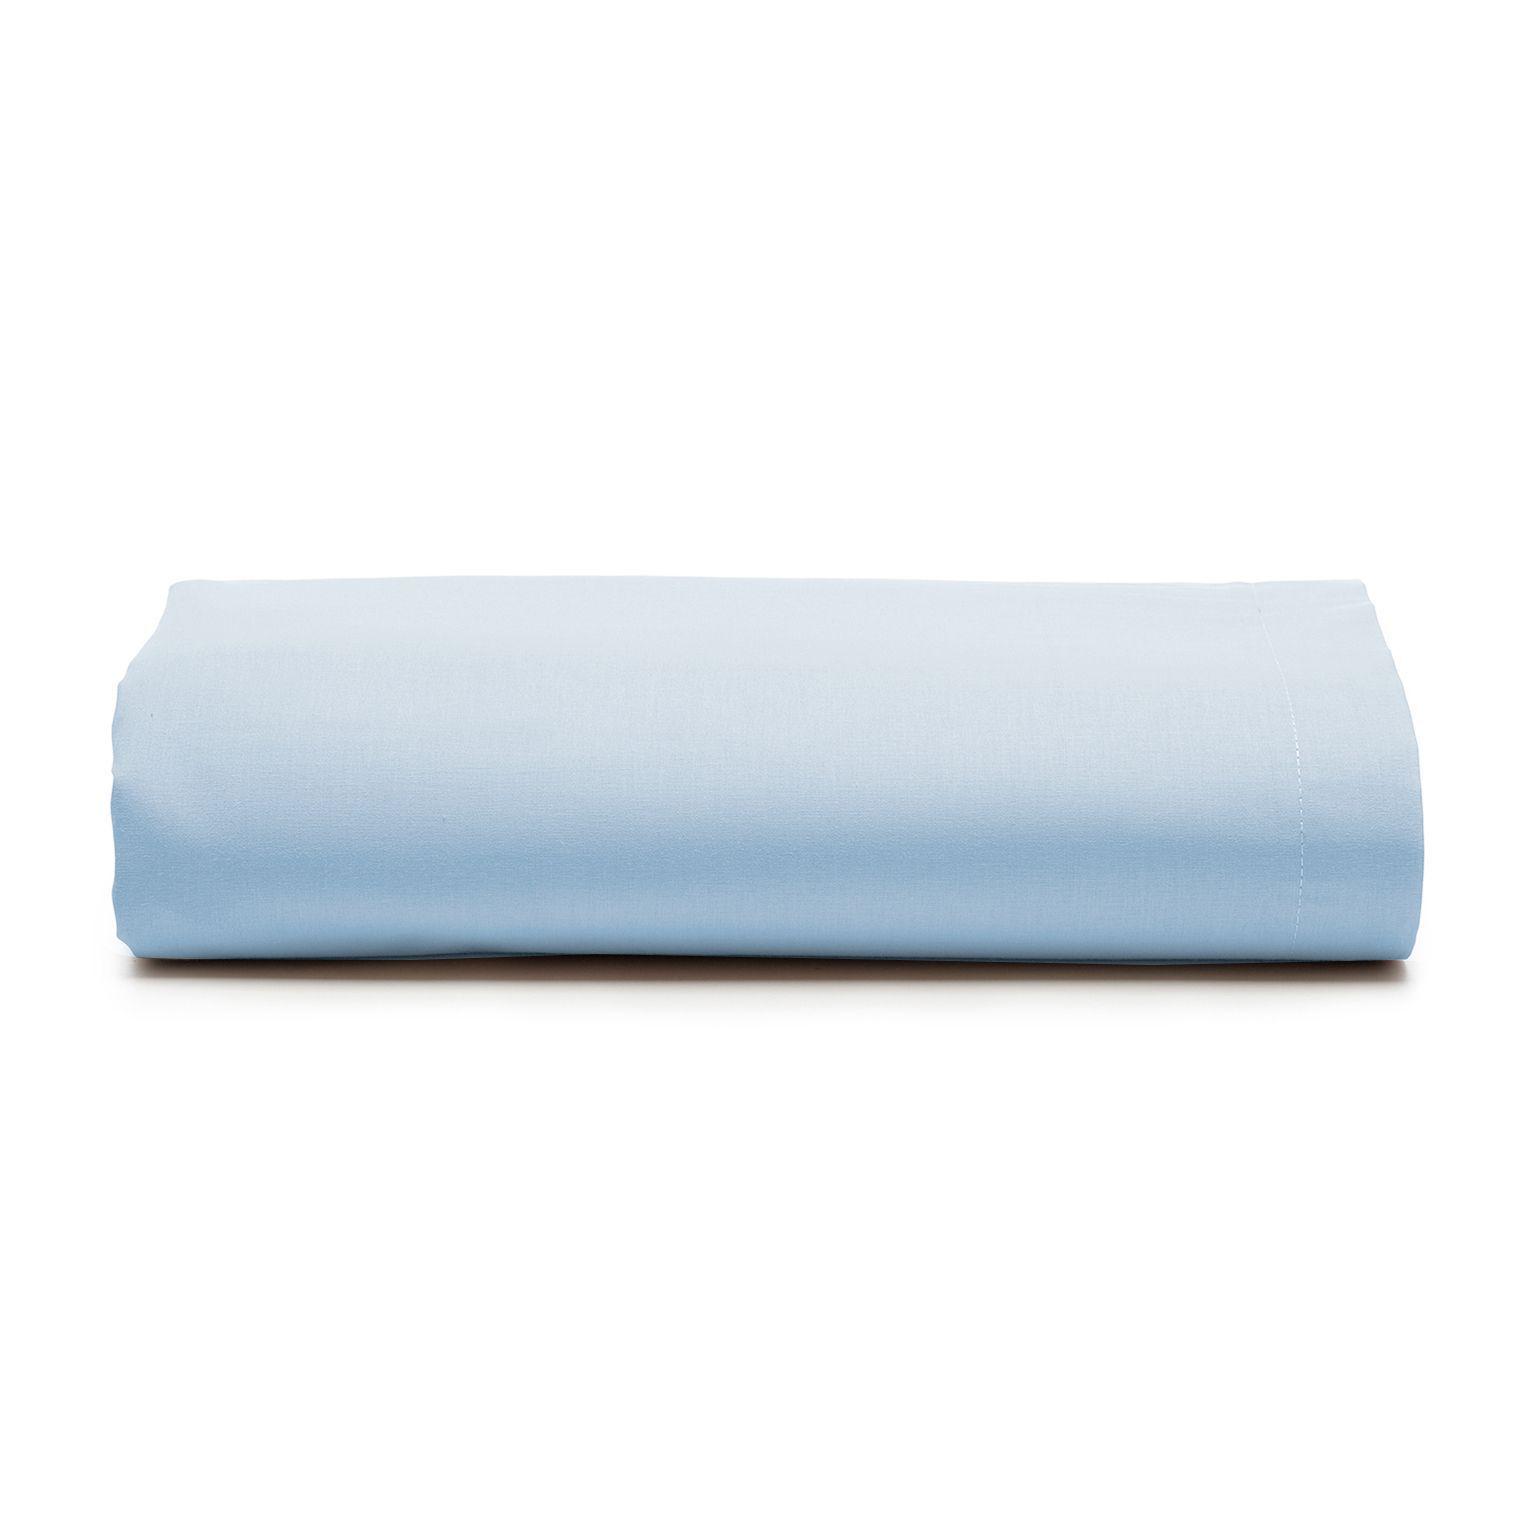 Lençol com elástico casal Prata 150 fios 100% algodão Azul - Santista